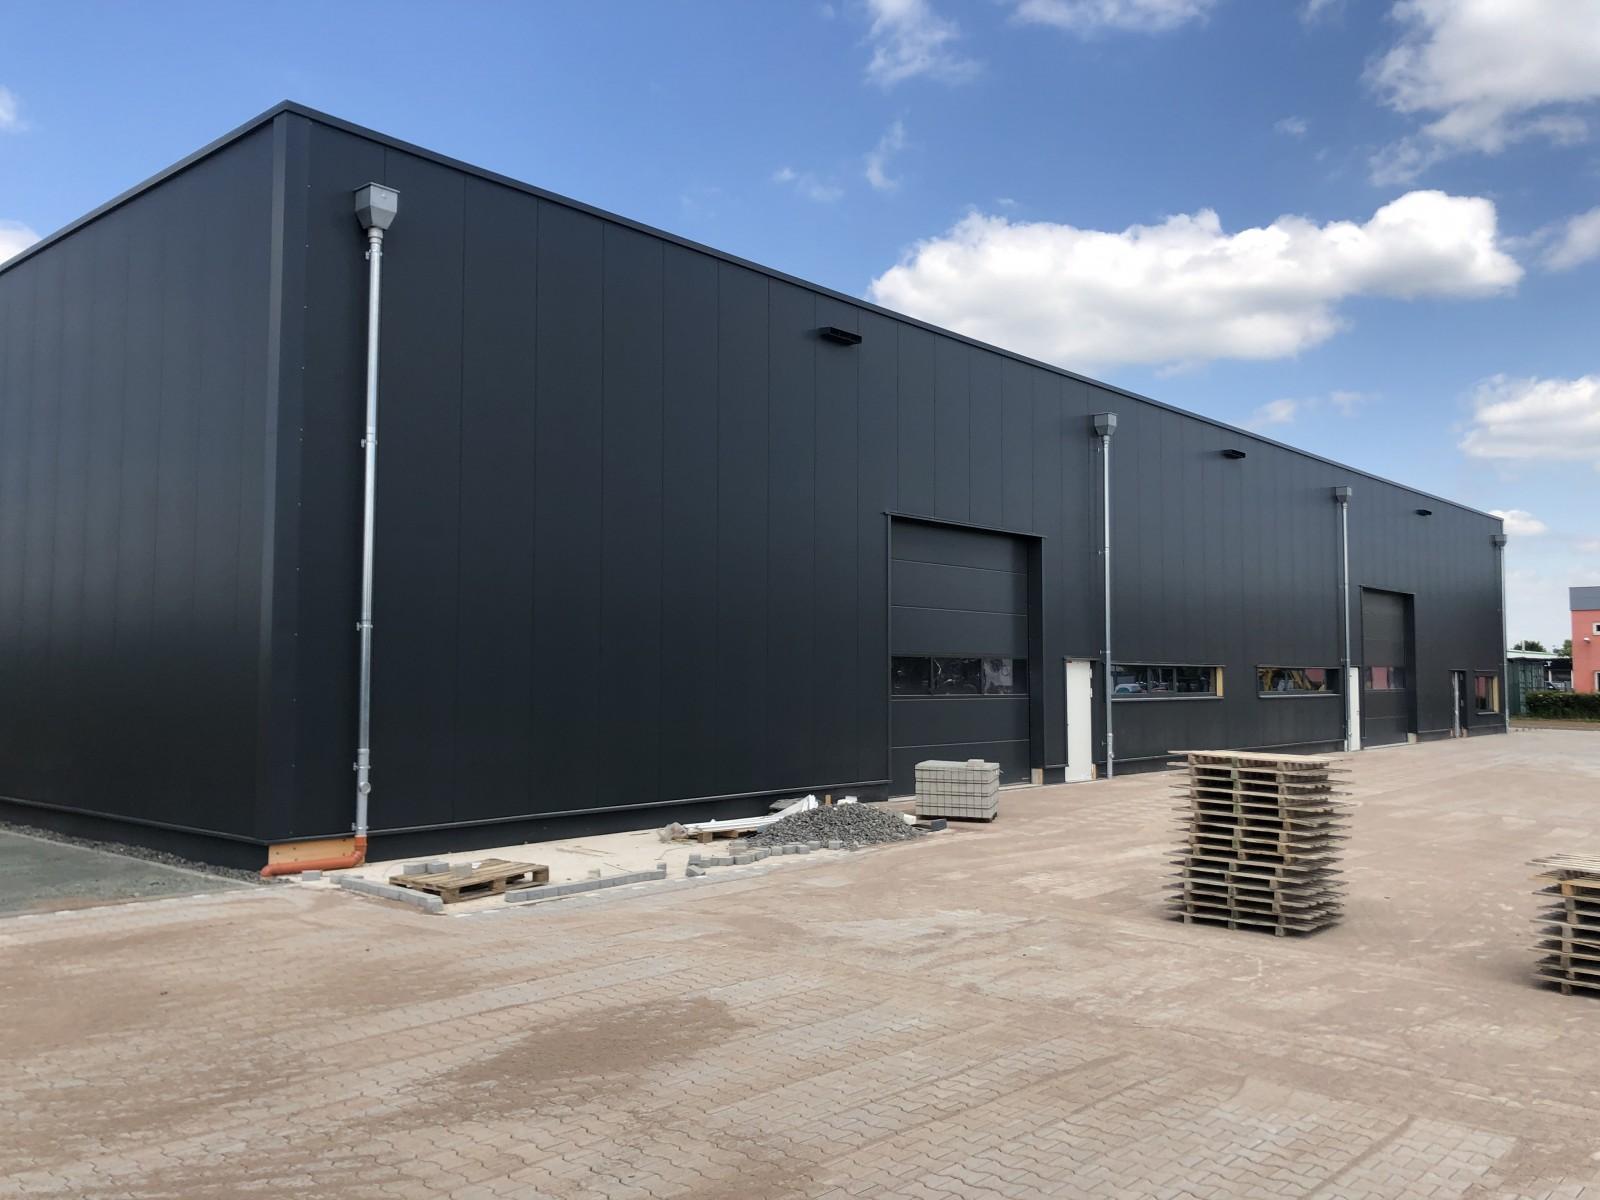 Pflasterarbeiten vor der Halle | Neubau | UFG Umformtechnik GmbH